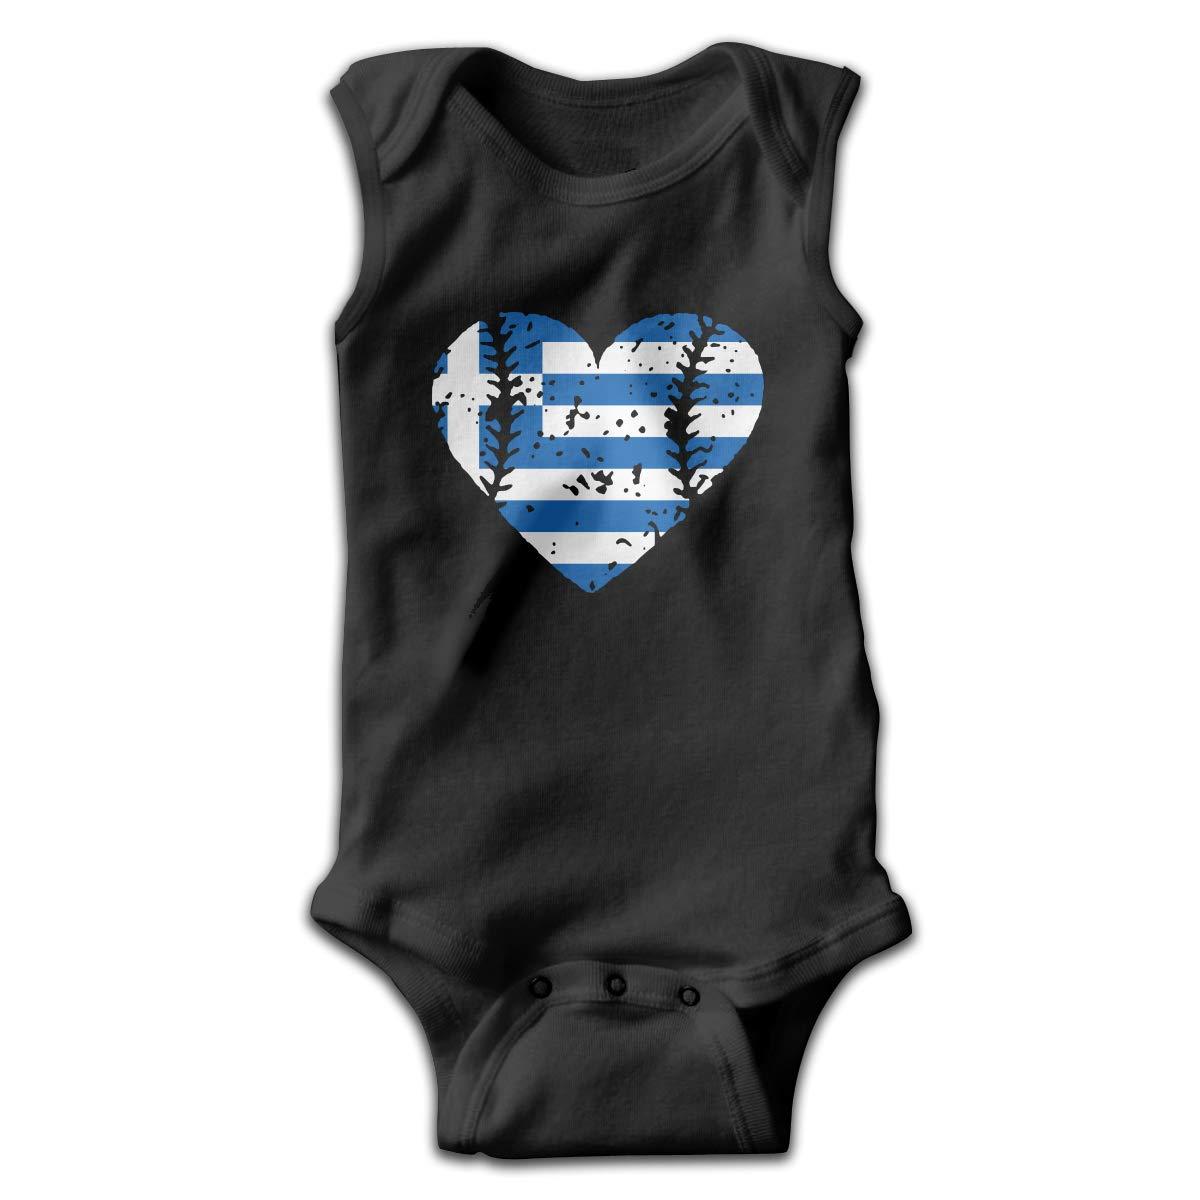 MMSSsJQ6 Baseball Heart Greece Greek Flag Baby Boys Girls Infant Creeper Sleeveless Romper Jumpsuit Rompers